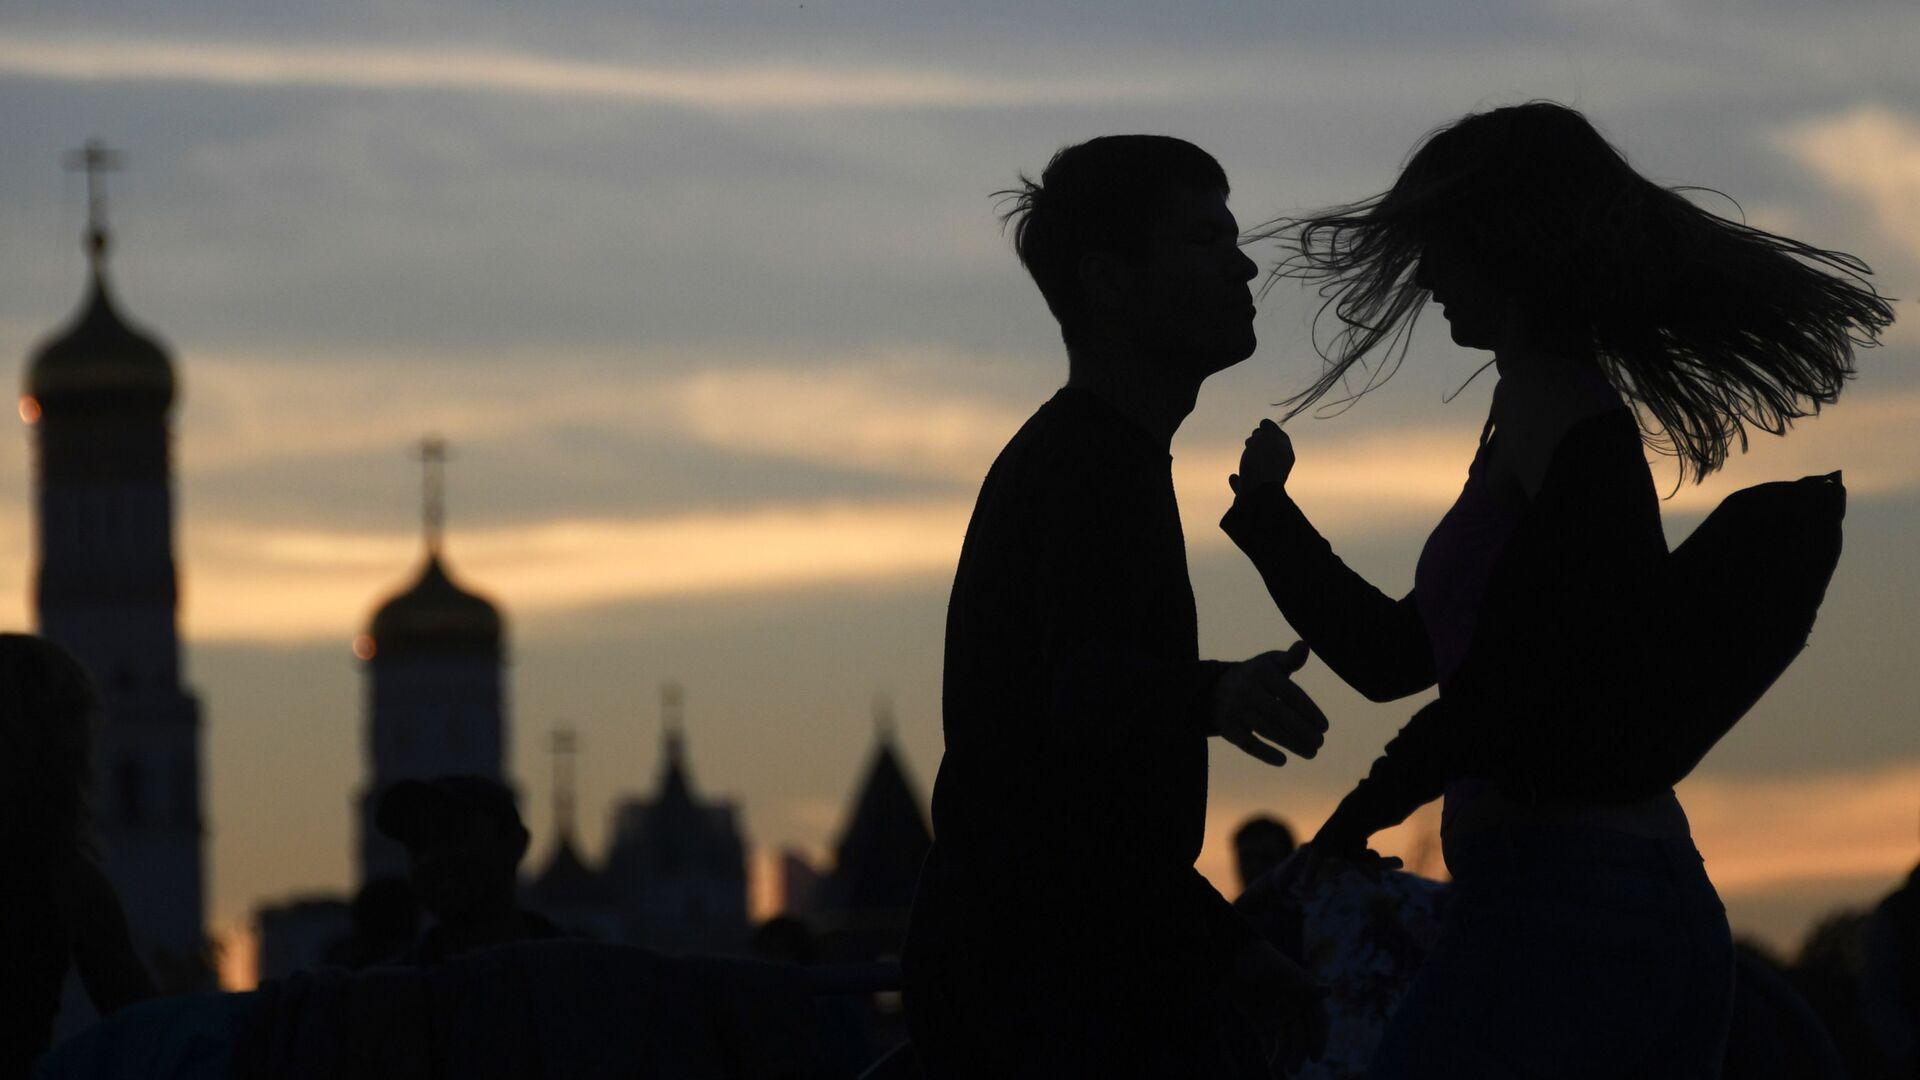 Молодые люди в парке Зарядье в Москве. - Sputnik Армения, 1920, 14.10.2021